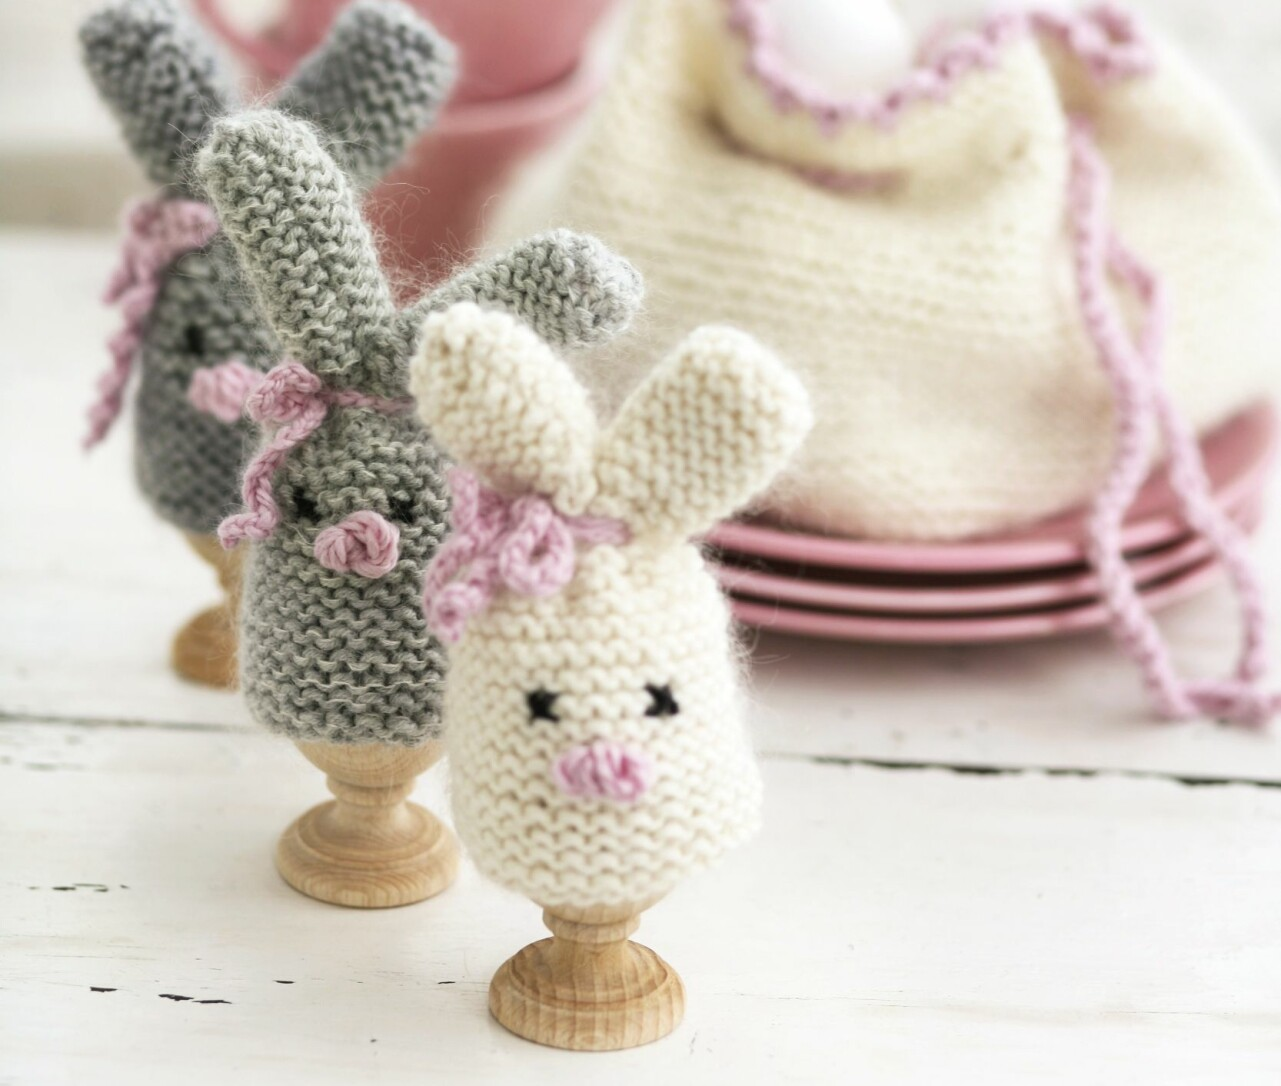 Grå och vita äggvärmare i form av stickade påskharar, design Drops Design/Garnstudio